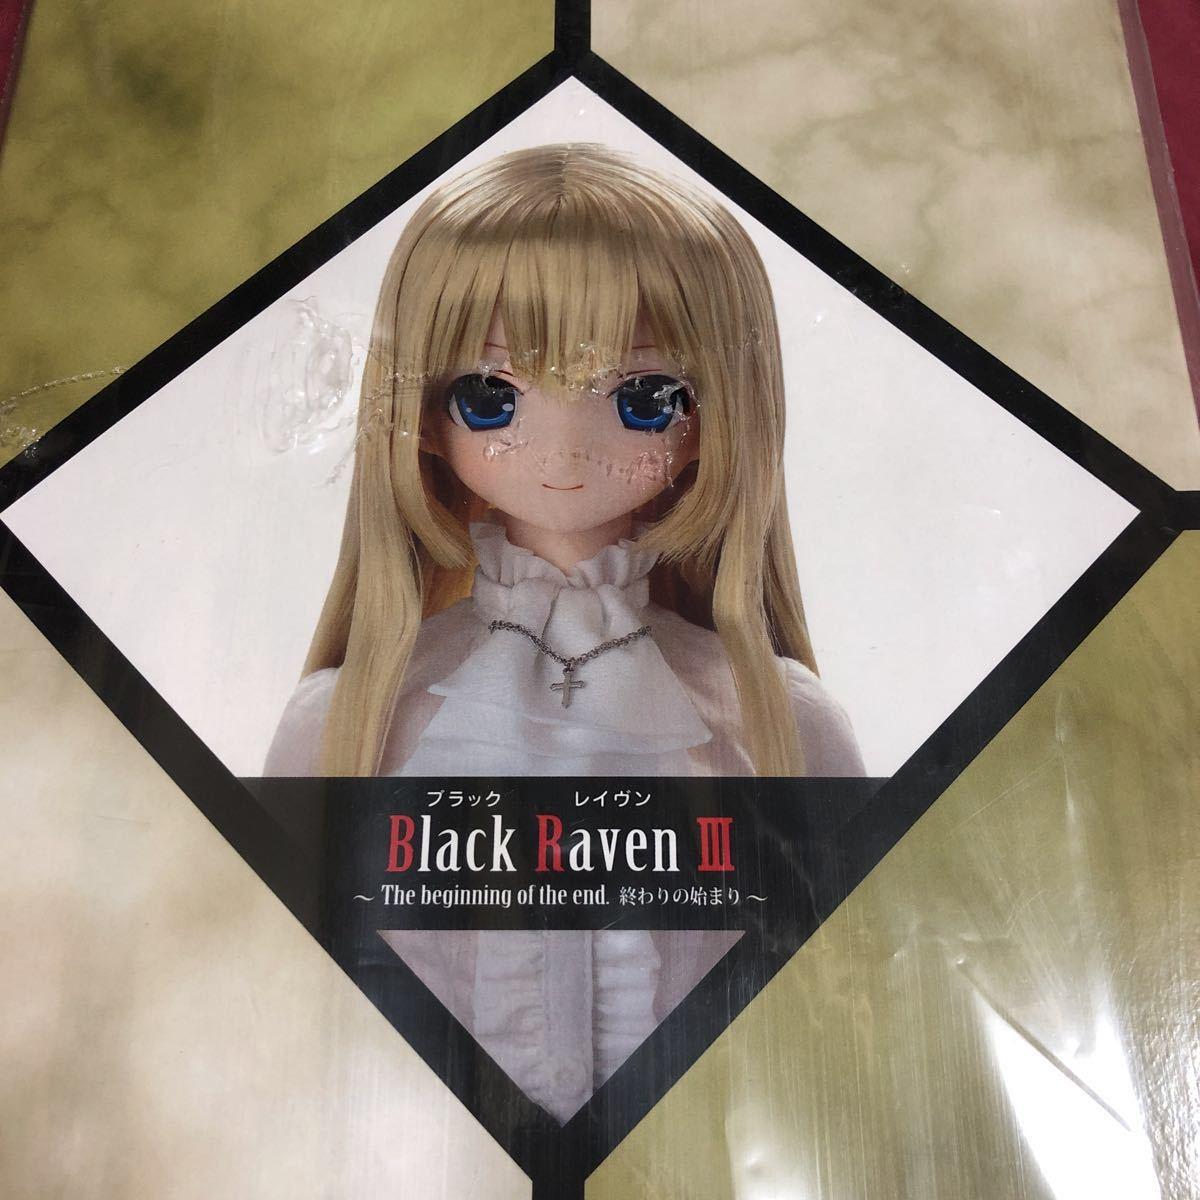 新品 早い者勝ち!! アゾン リリア ブラックレイヴンⅢ AZONE original doll Lilia Black Raven Ⅲ ドール